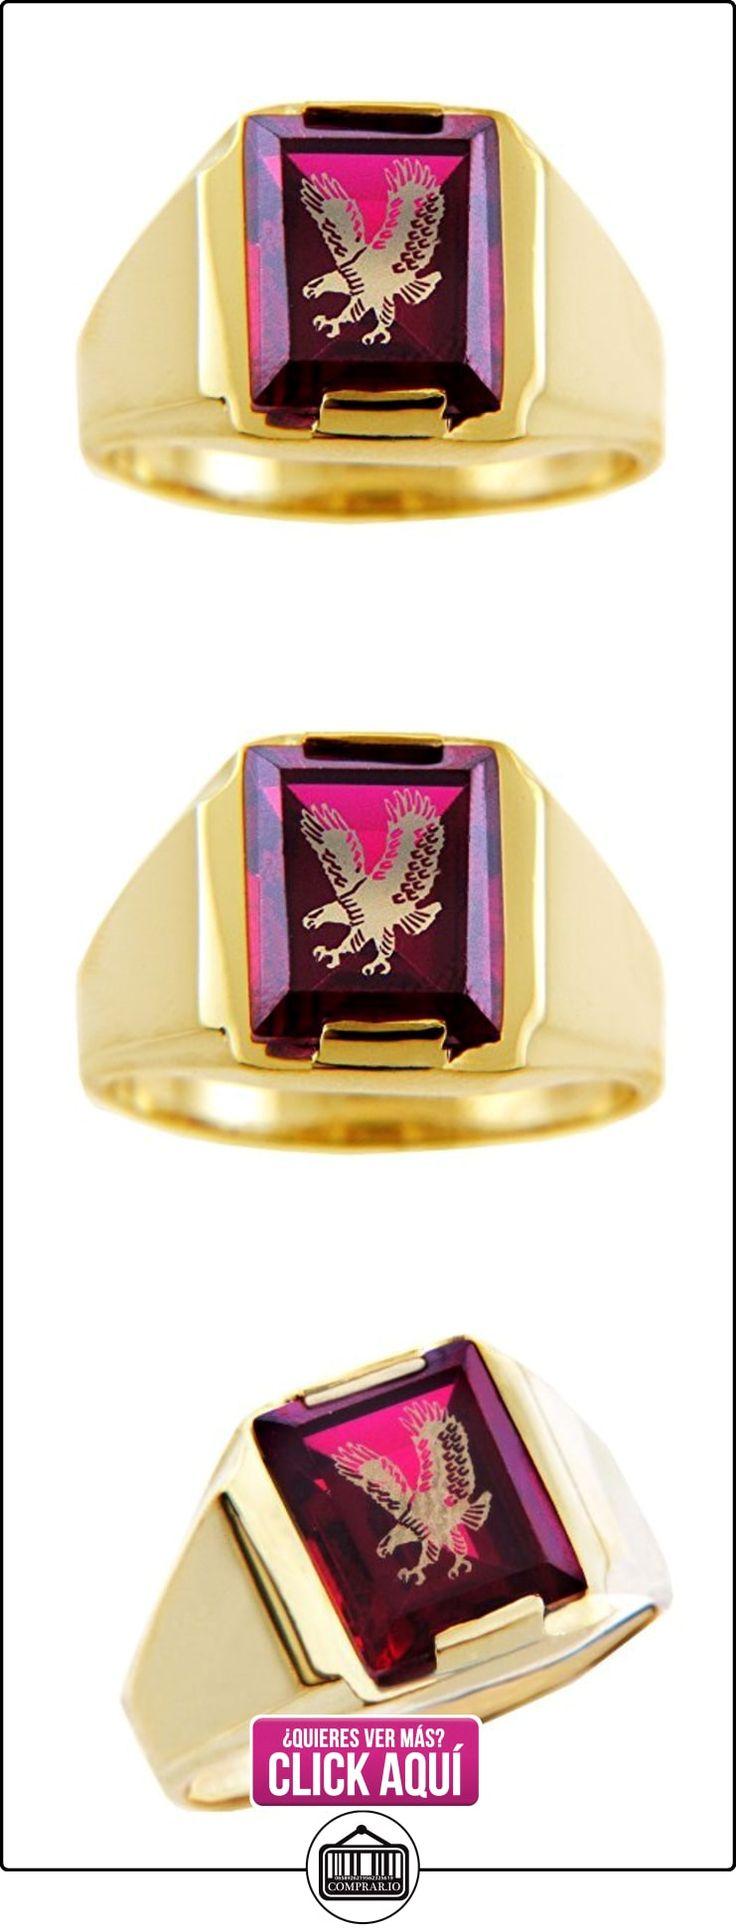 Pequeños Tesoros - Anillos Hombres Alianza De Boda 10 Kt Oro 471/1000 Oro - Granate Rojo Piedra Con Oro Águila  ✿ Joyas para hombres especiales - lujo ✿ ▬► Ver oferta: https://comprar.io/goto/B012781VLE